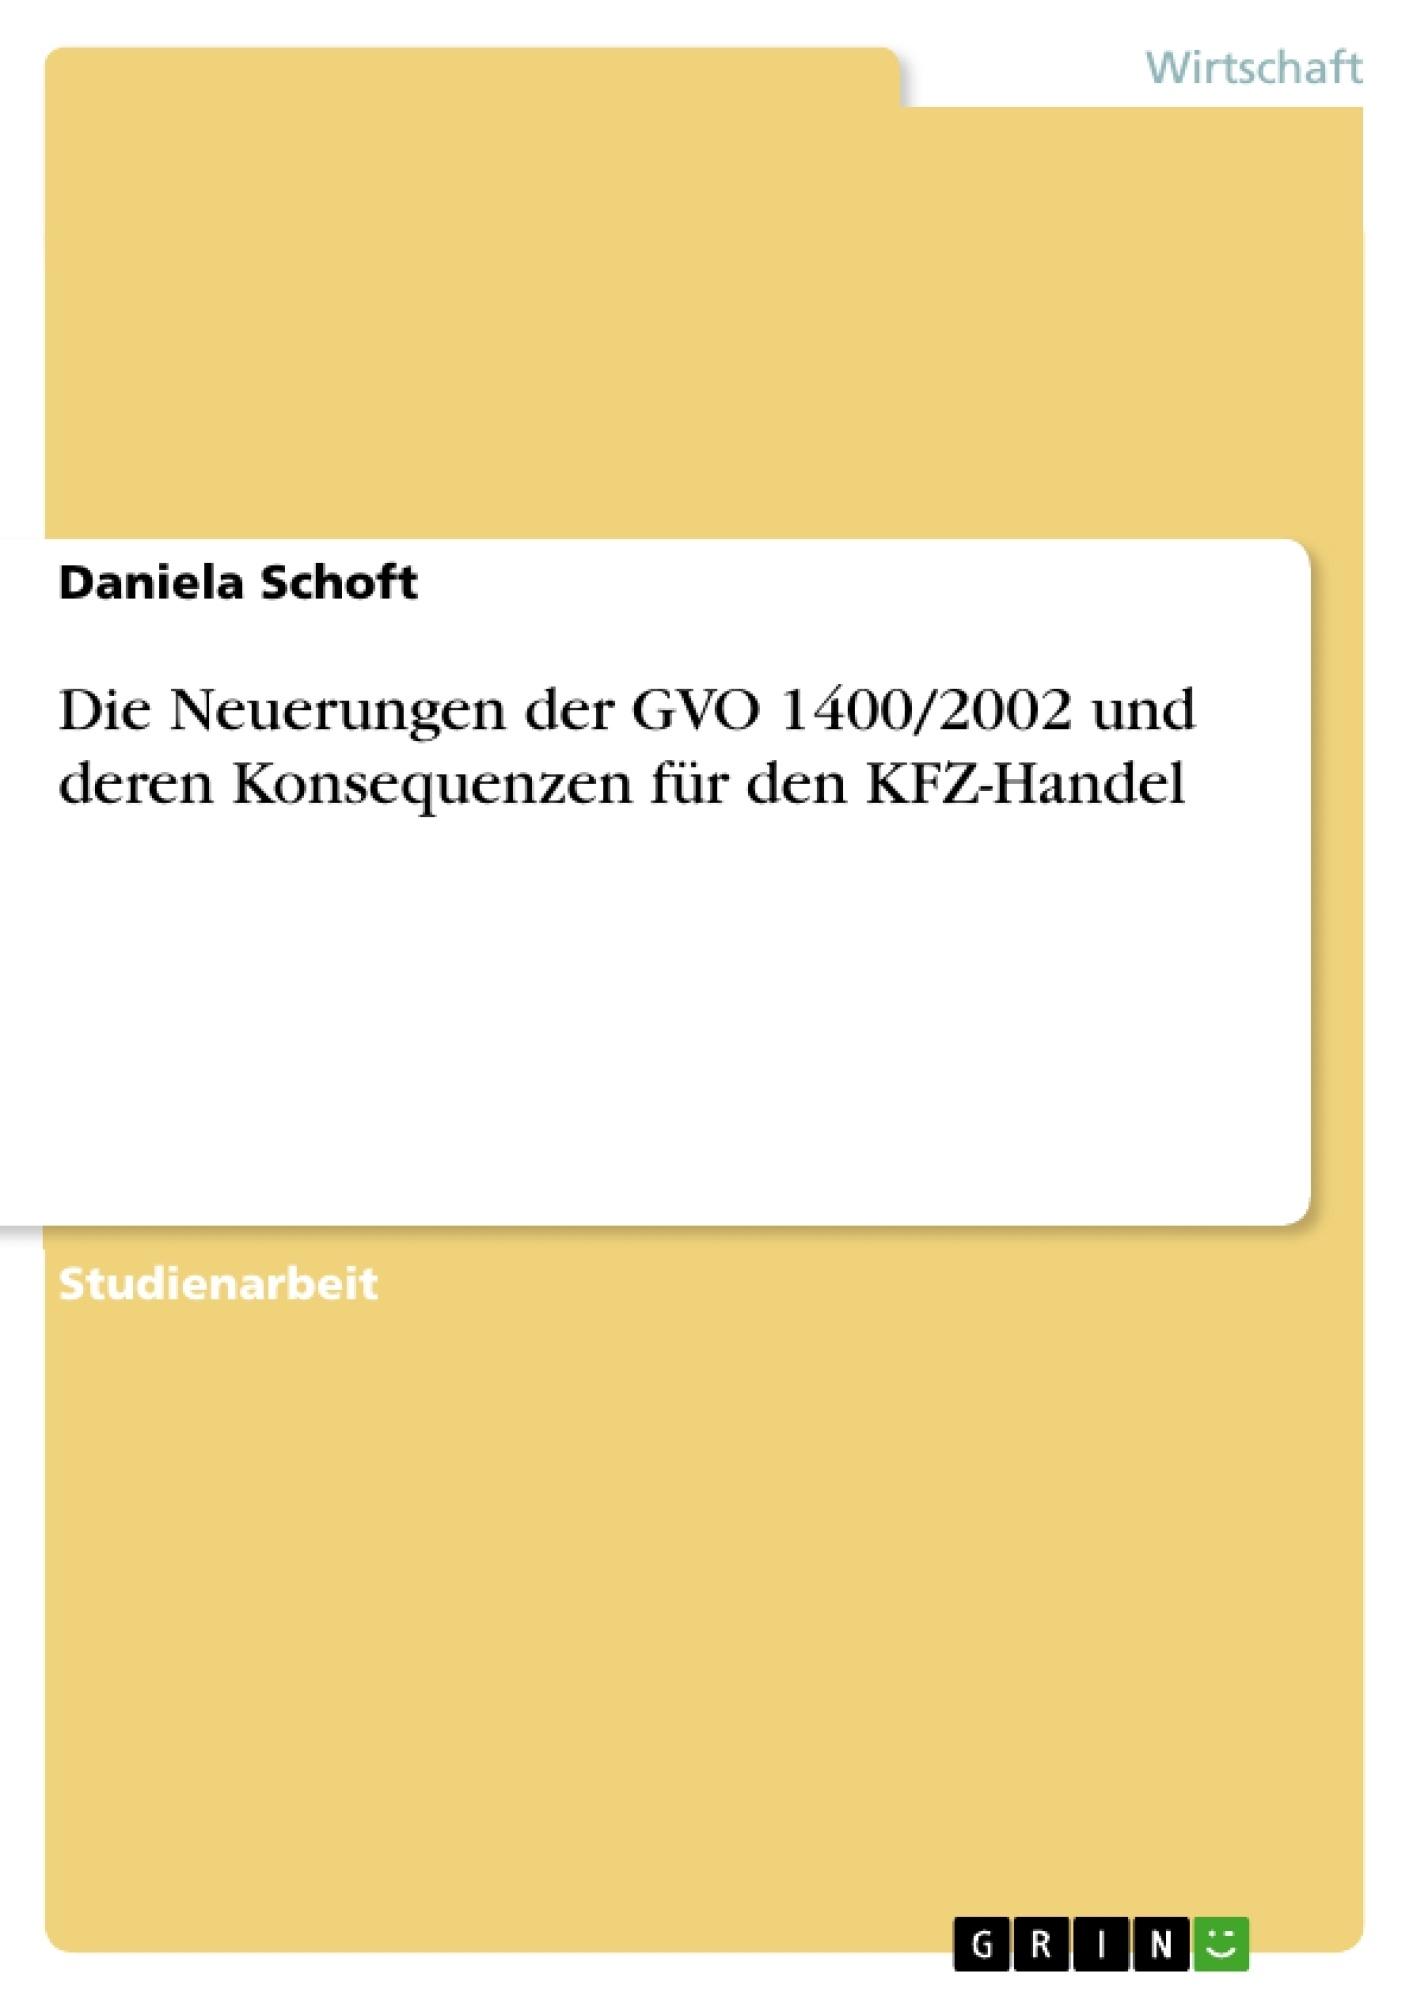 Titel: Die Neuerungen der GVO 1400/2002 und deren Konsequenzen für den KFZ-Handel